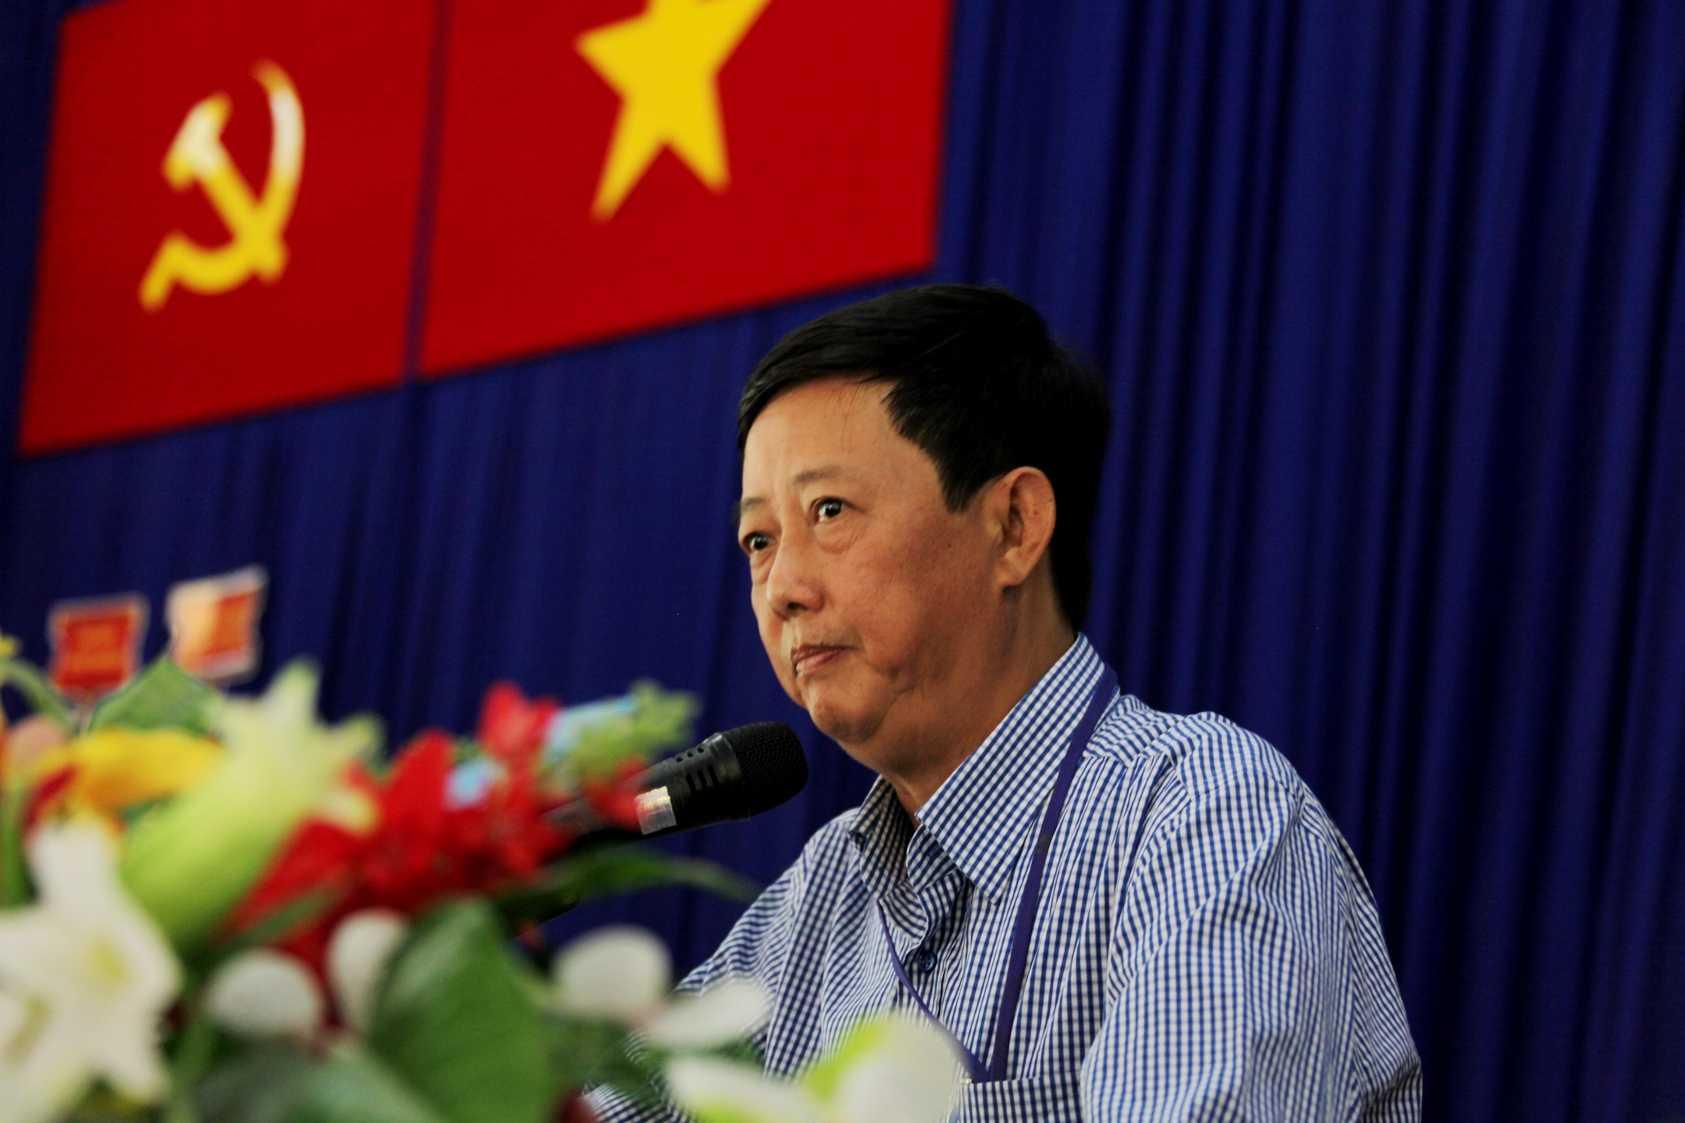 Ông Vương Ngọc Long – Trưởng ban Phát triển Vùng nguyên liệu Vinamilk, đại diện công ty giải đáp những thắc mắc của các hộ chăn nuôi bò sữa tại buổi ký kết hợp đồng